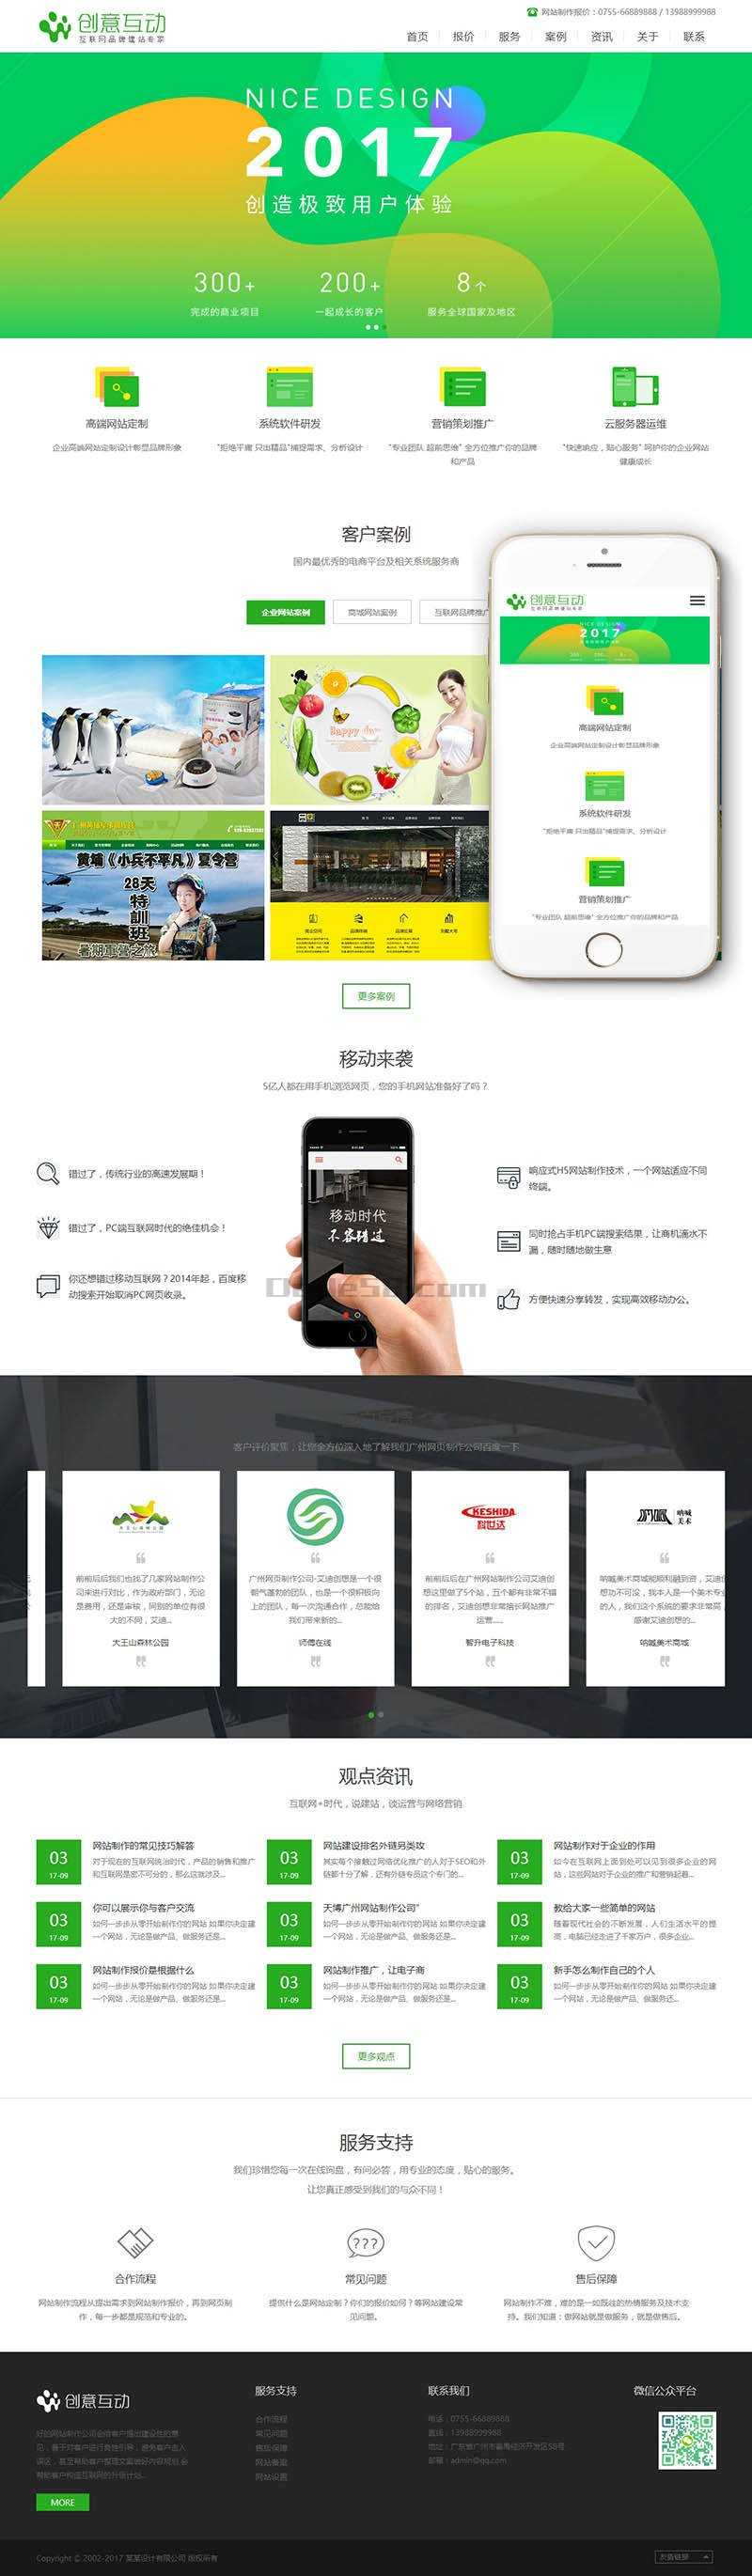 织梦响应式HTML5网络建站设计公司织梦模板(自适应手机端)插图